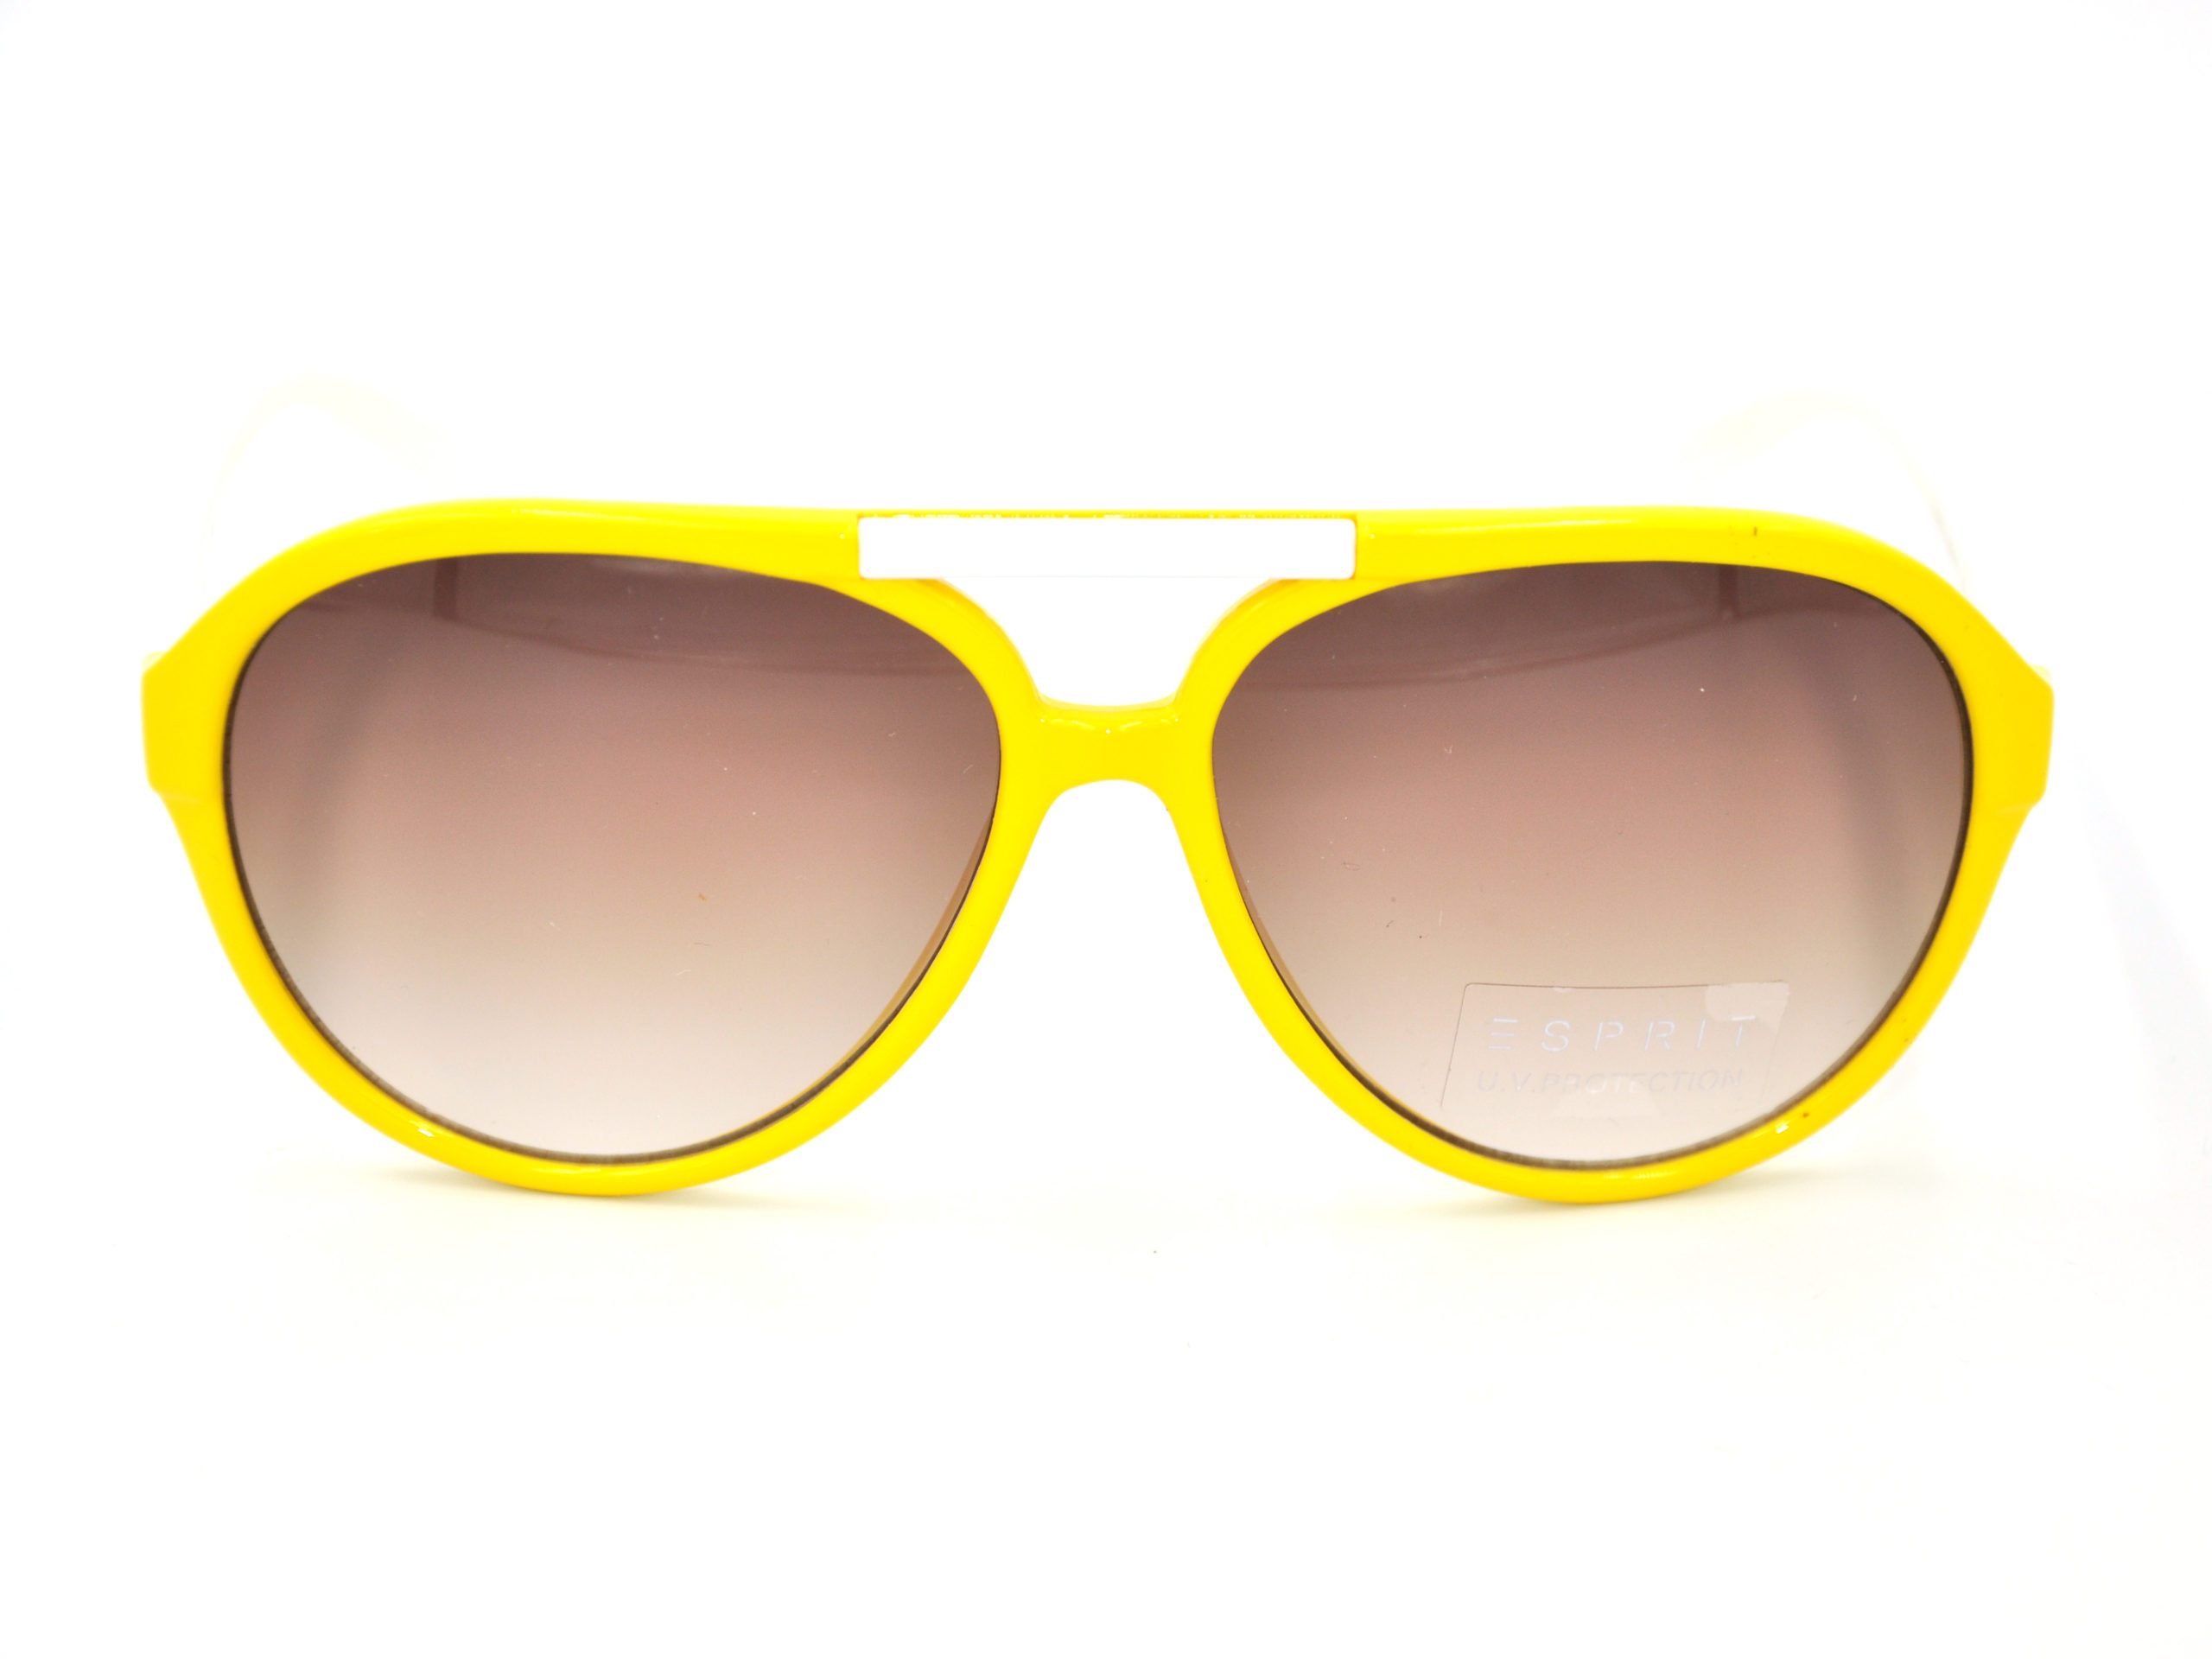 Γυαλιά ηλίου ESPRIT ET19752 576 Πειραιάς